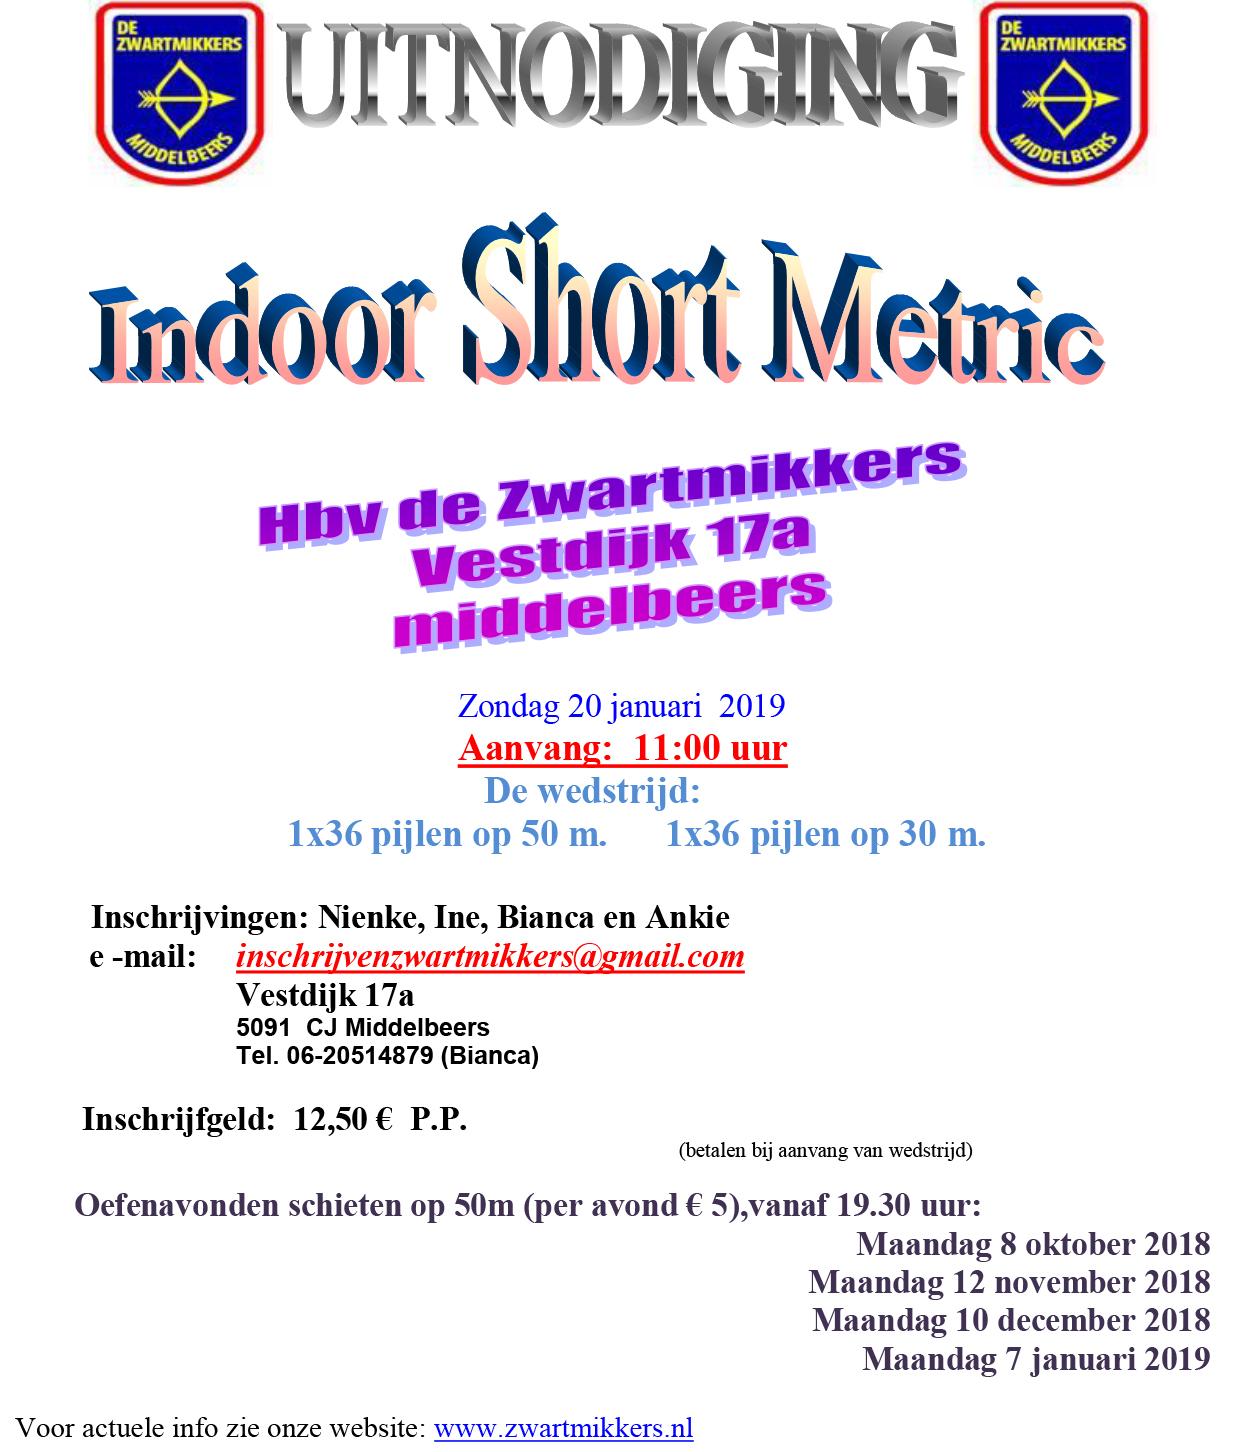 Indoor Short Metric HBV de Zwartmikkers @ HBV de Zwartmikkers